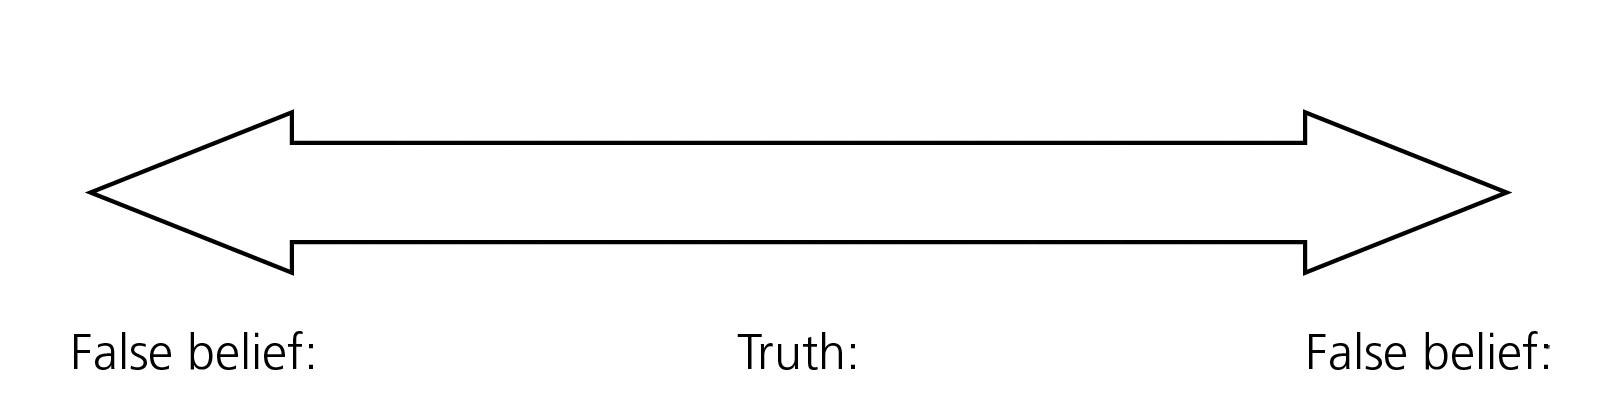 False beliefs lead people away from truth.